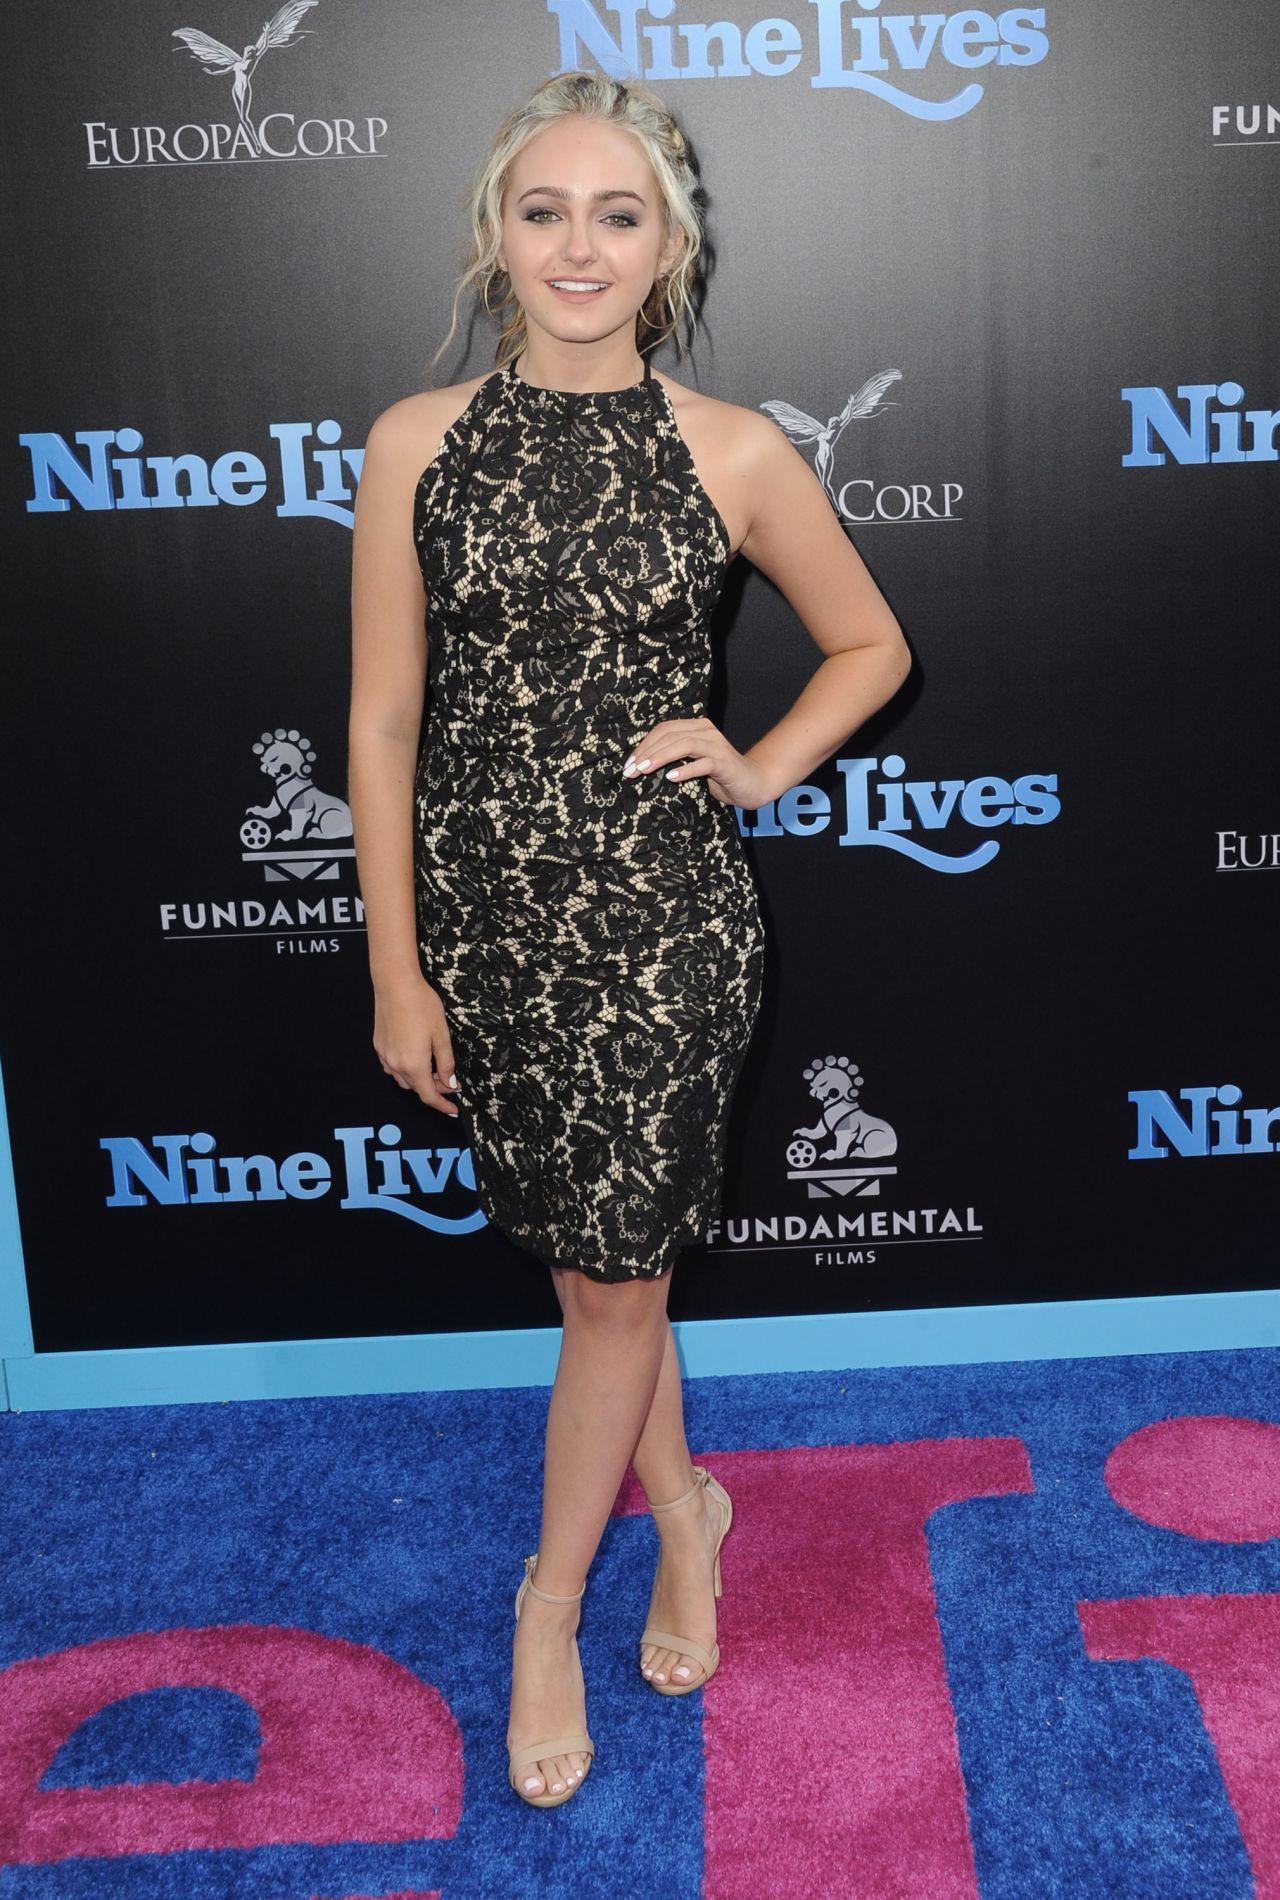 Sophie Reynolds Nine Lives Premiere In Hollywood 8 1 2016